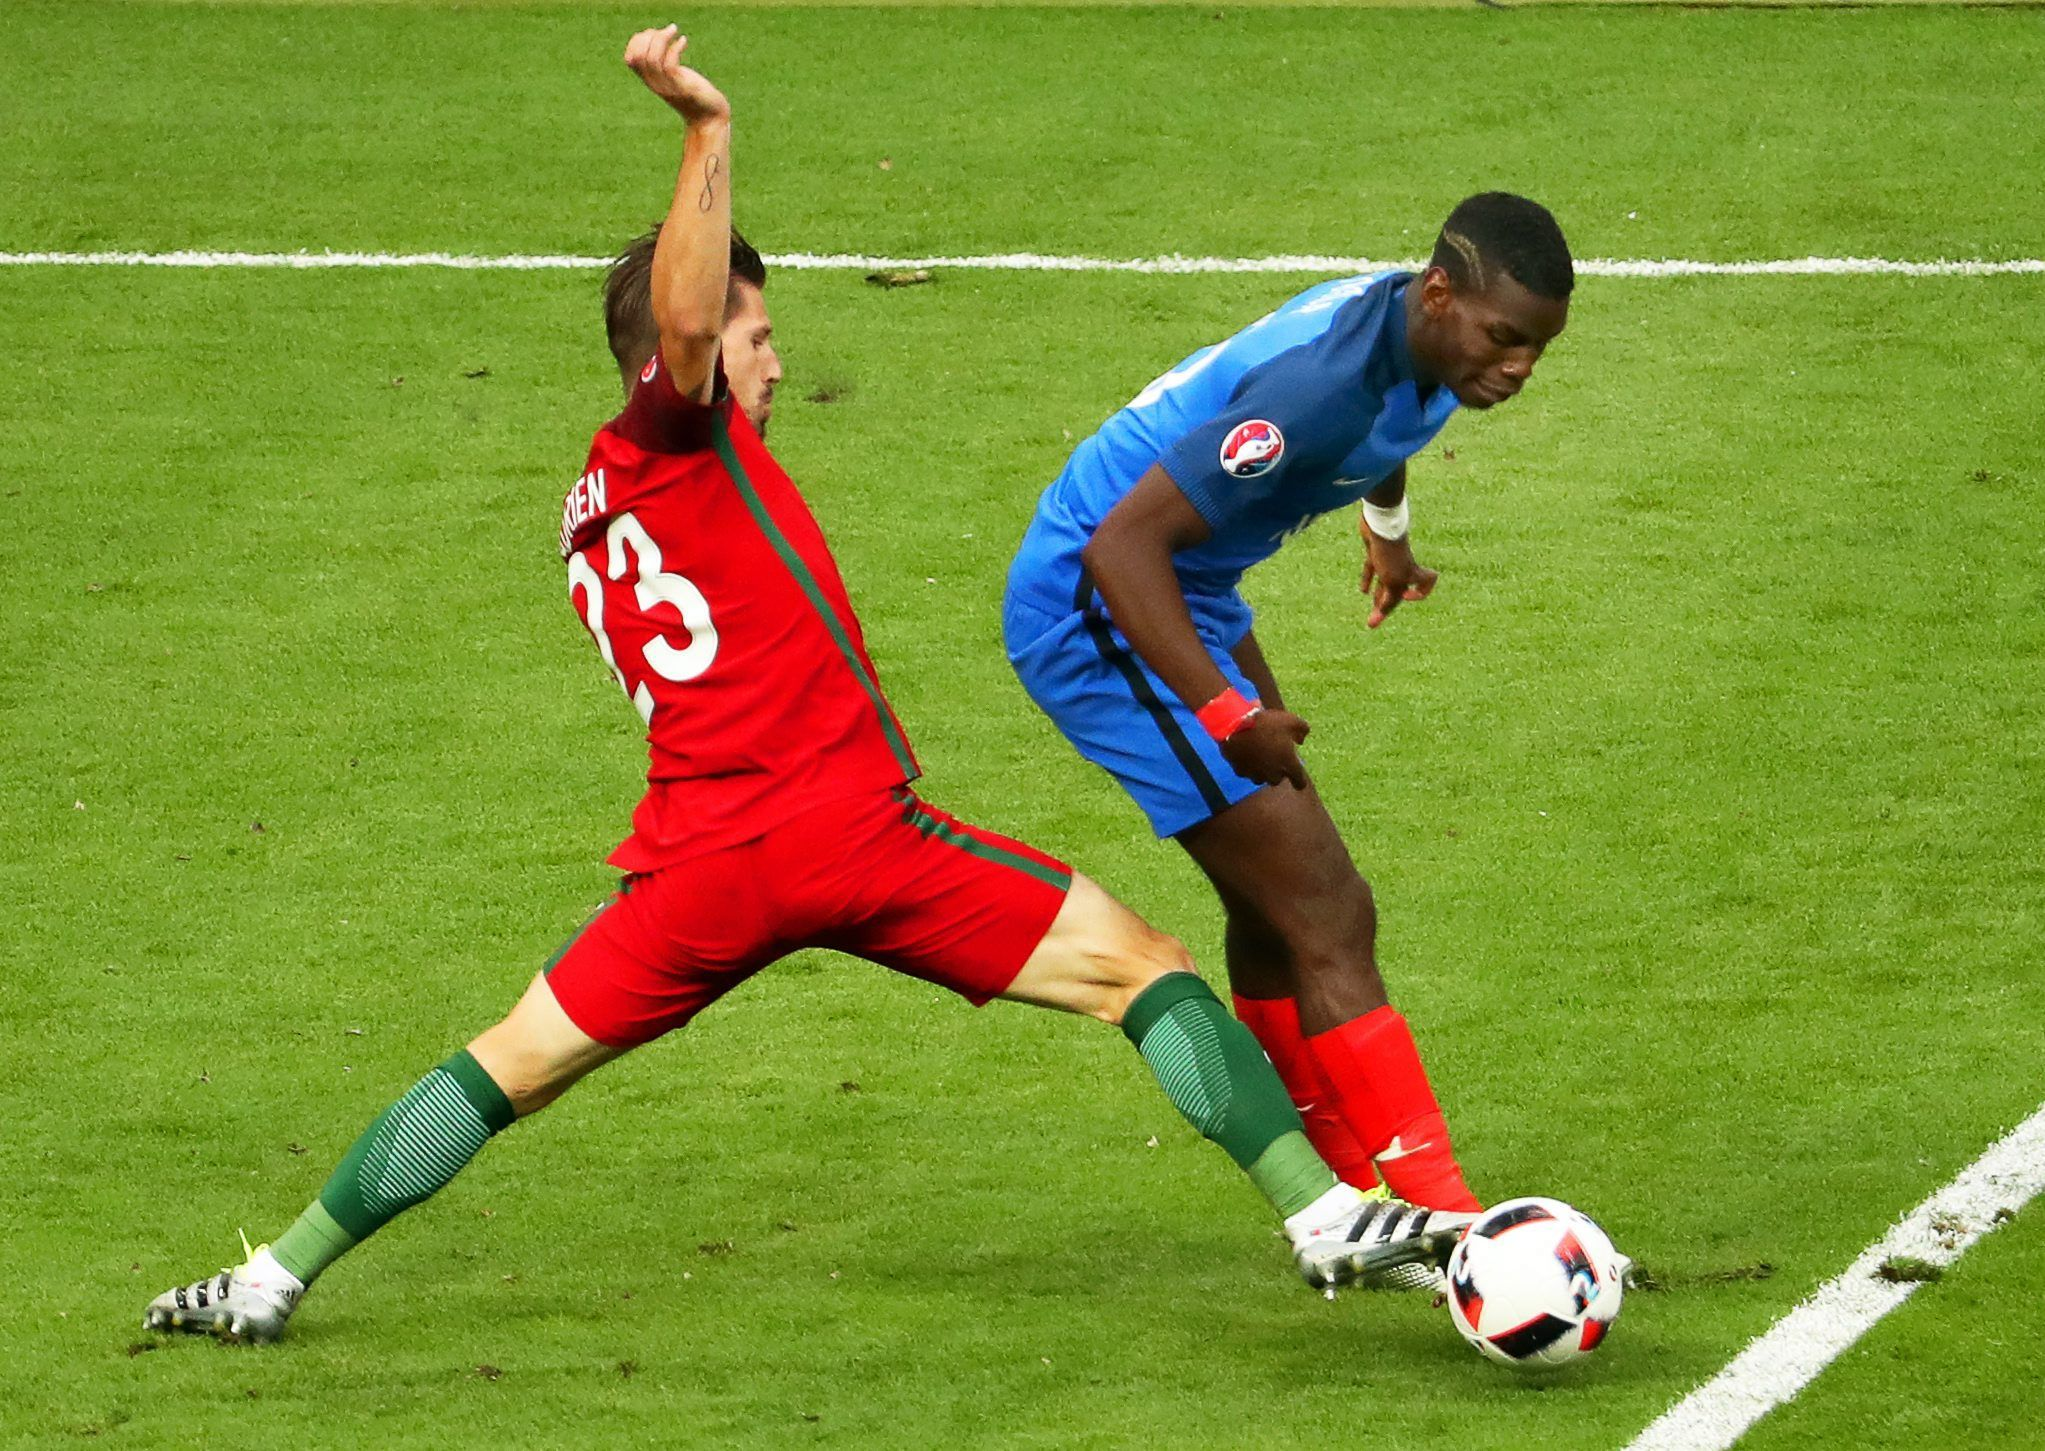 Sin su estrella, Portugal silenció París y es el campeón de la Eurocopa